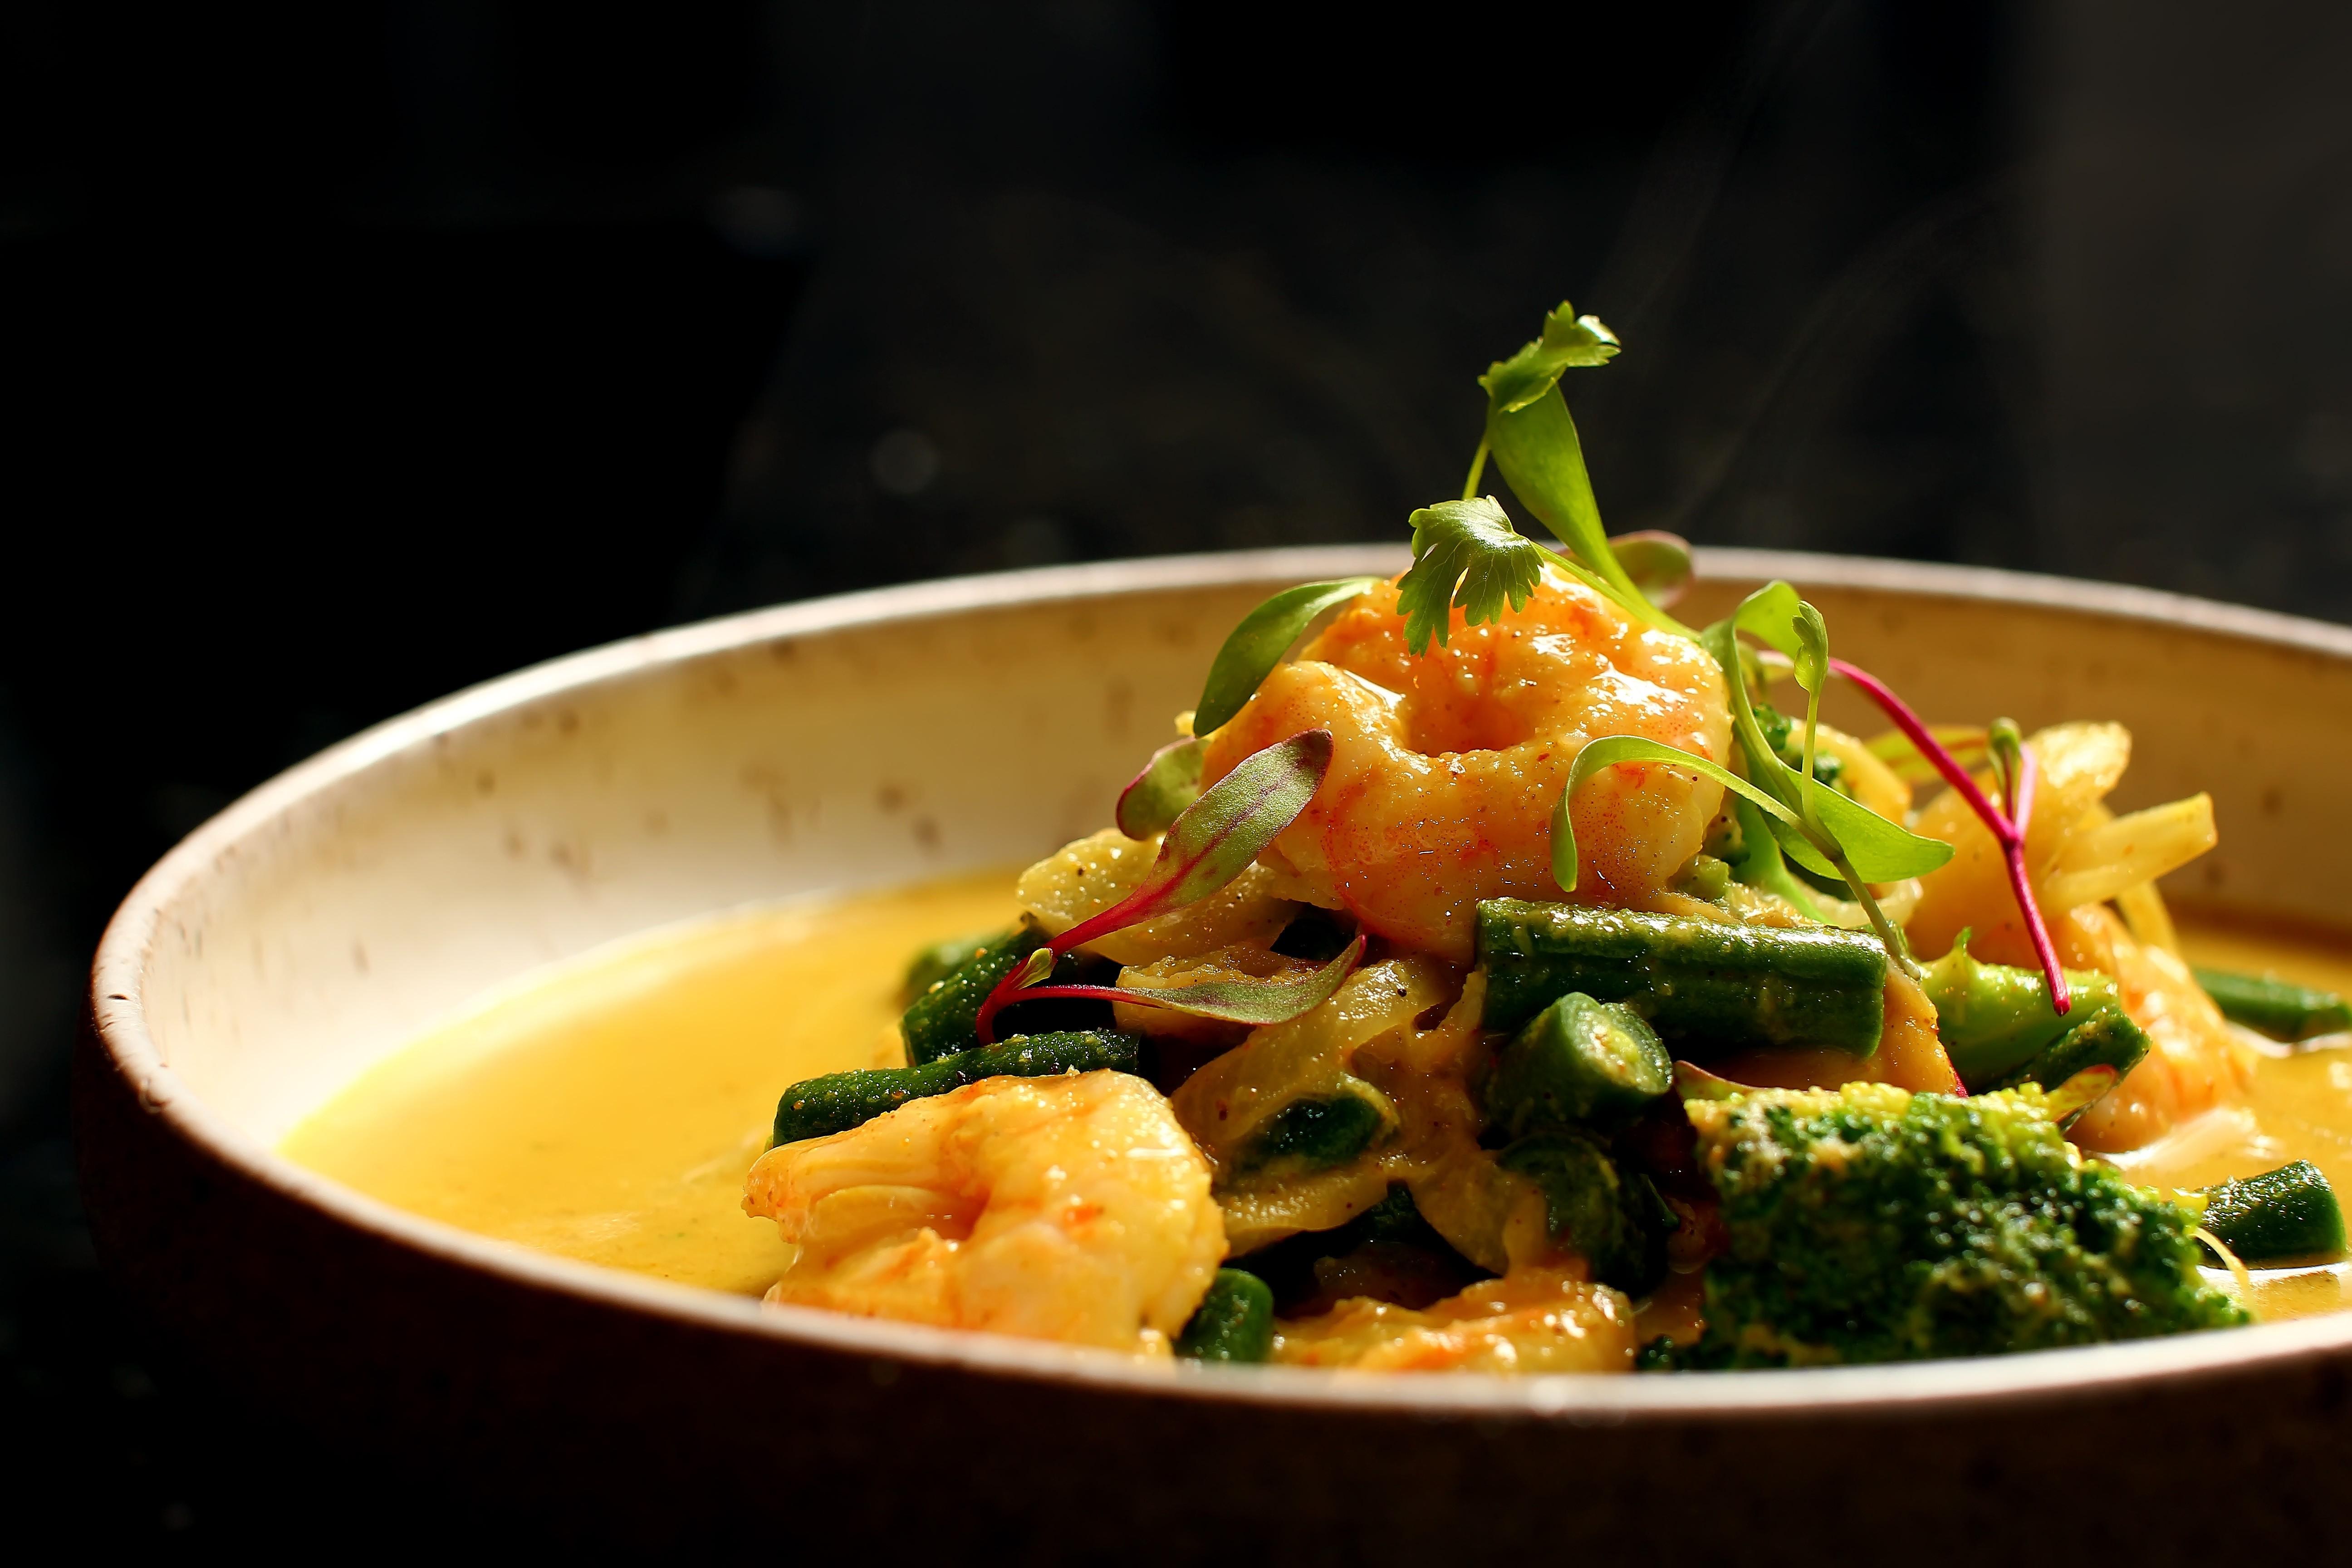 O curry thai de camarão com abacaxi do Prosa na Cozinha (Foto: Thiago Sodré)